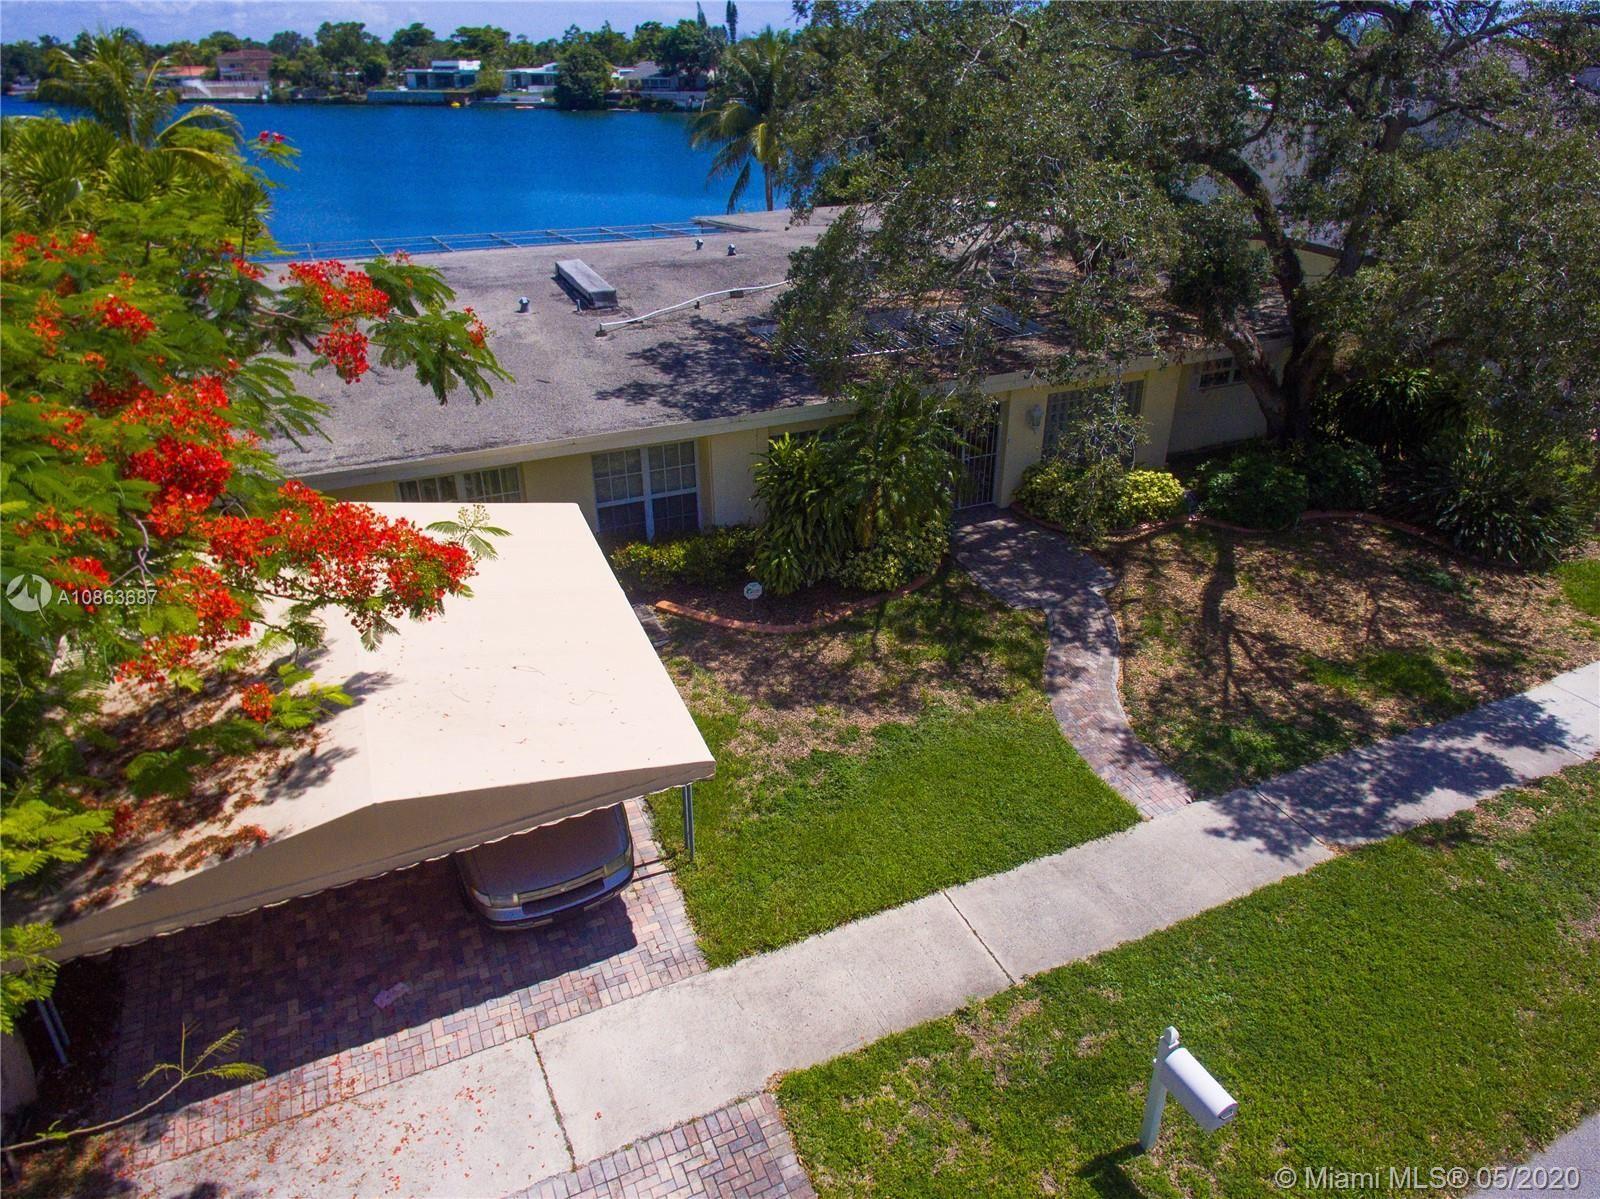 2115 NE 191st Dr, North Miami Beach, FL 33179 - #: A10863687